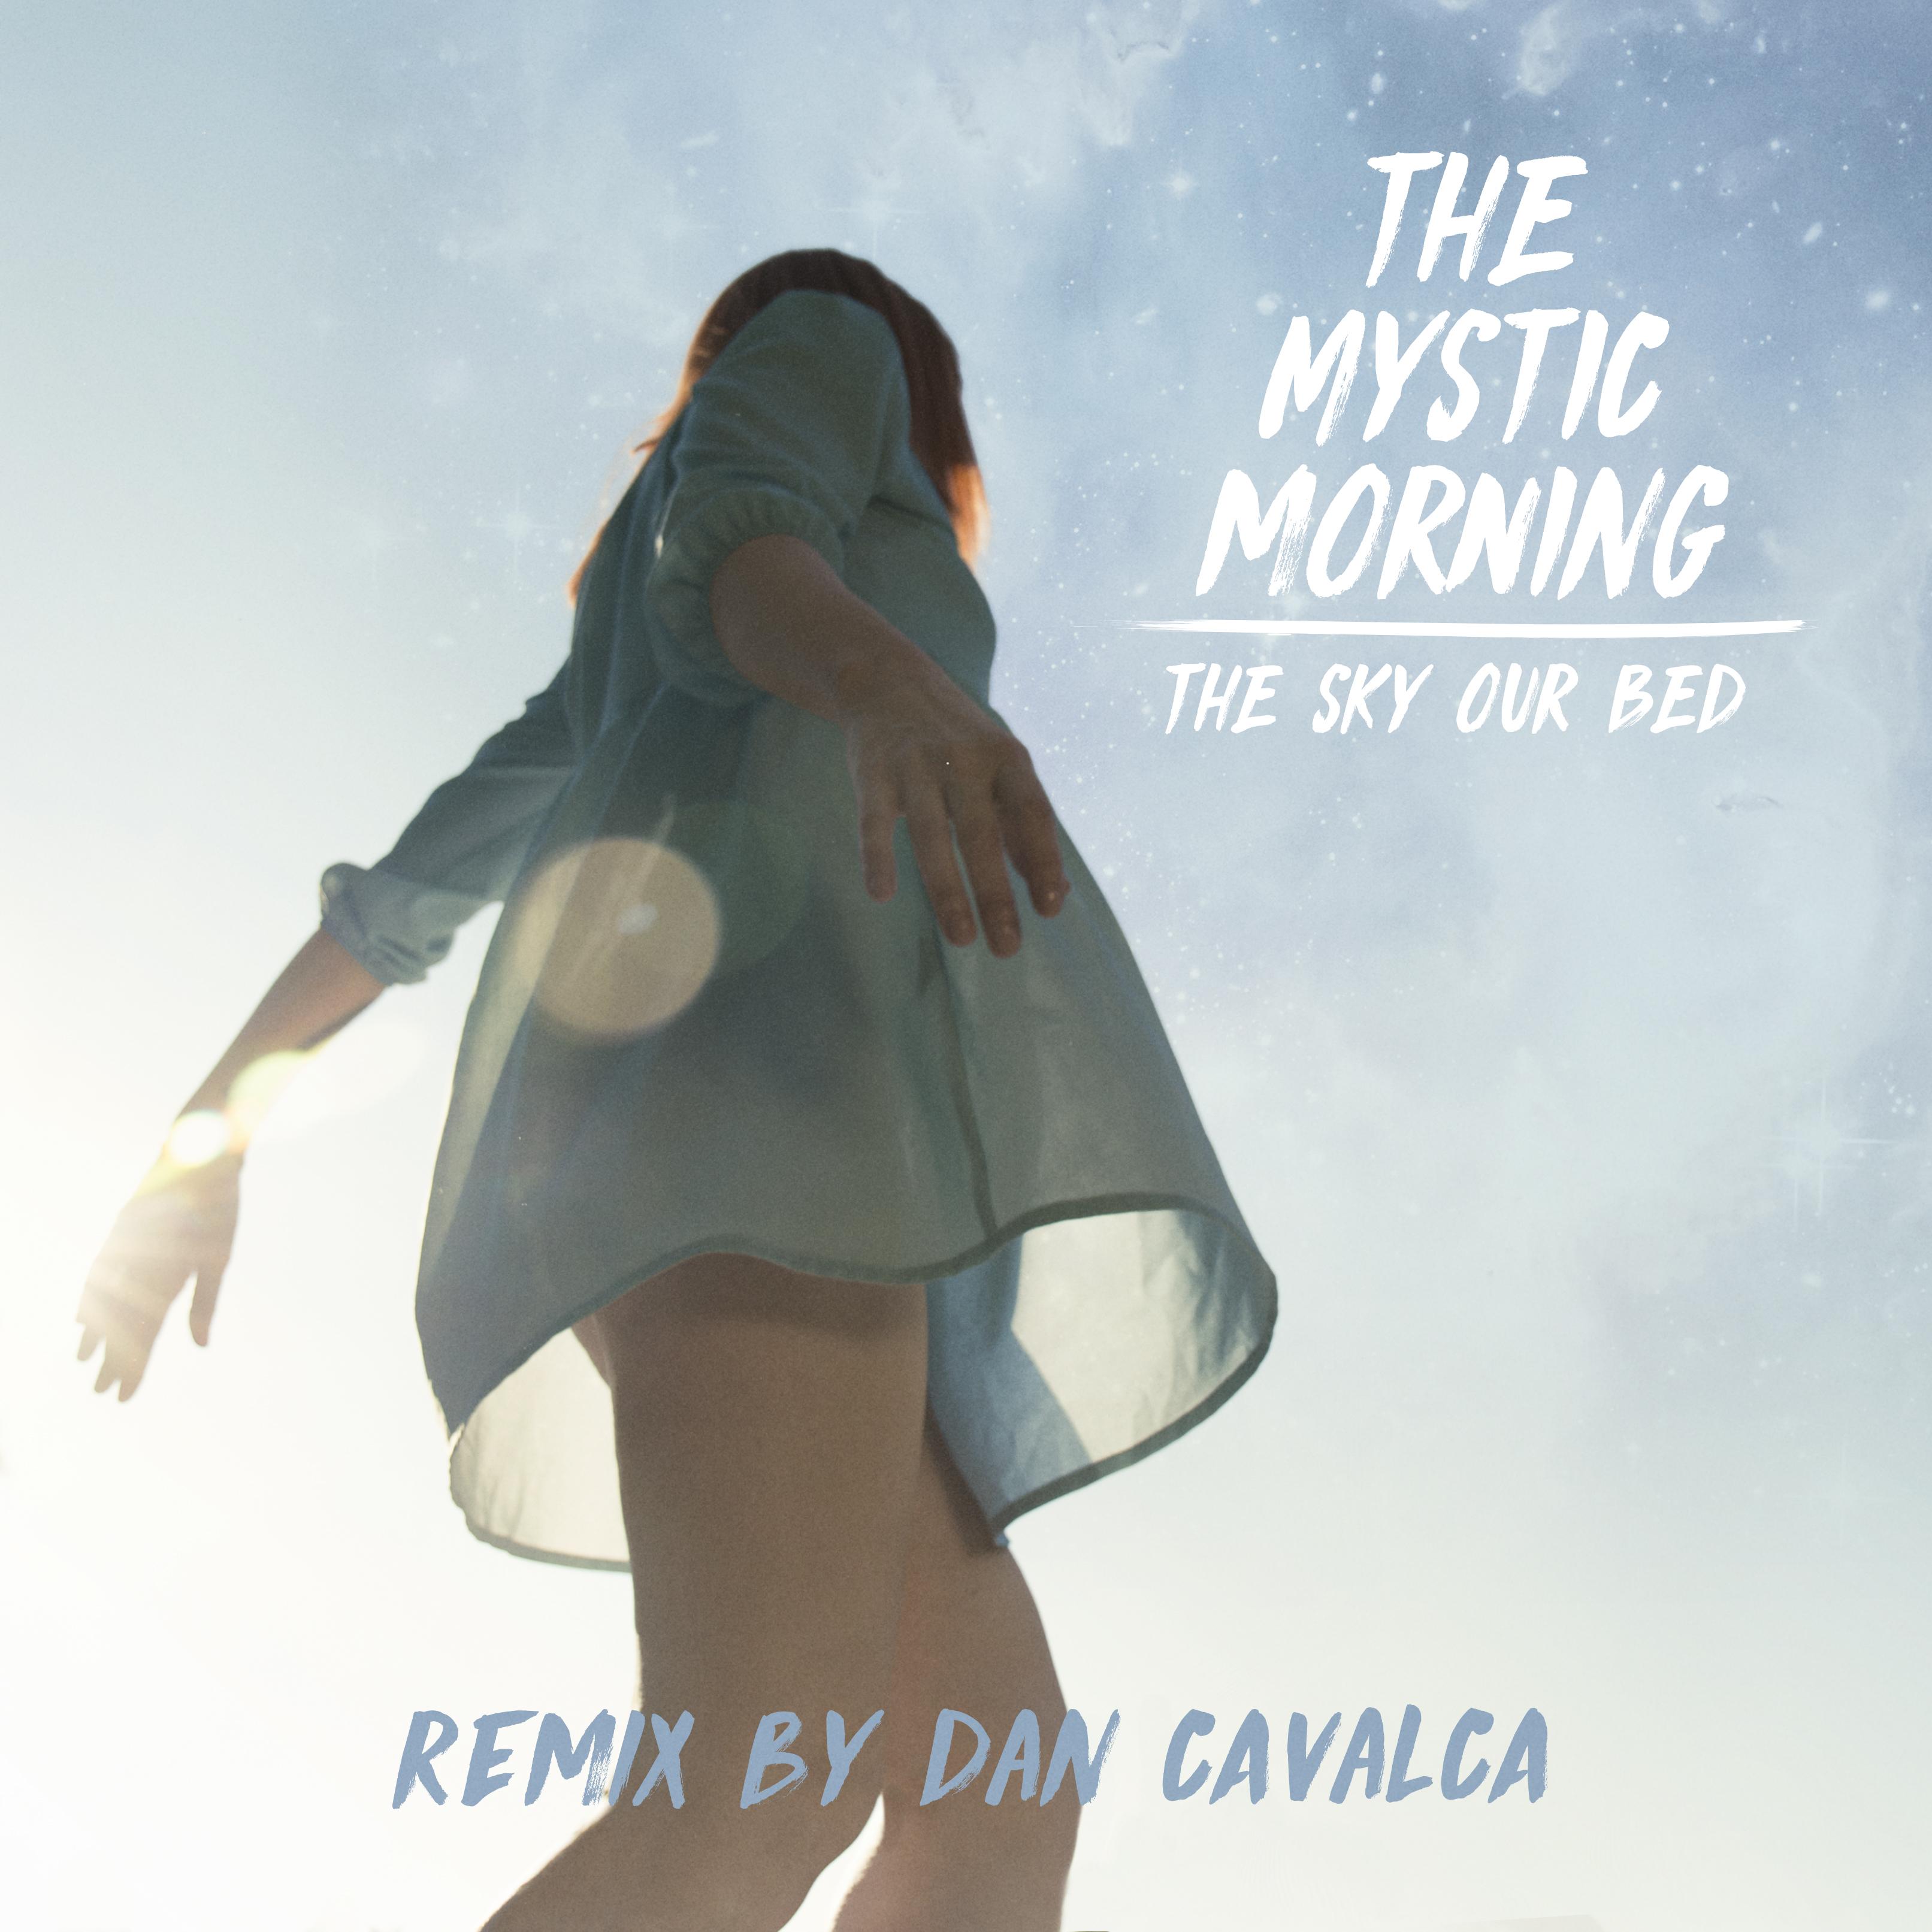 THE SKY YOUR BED (DAN CAVALCA REMIX)